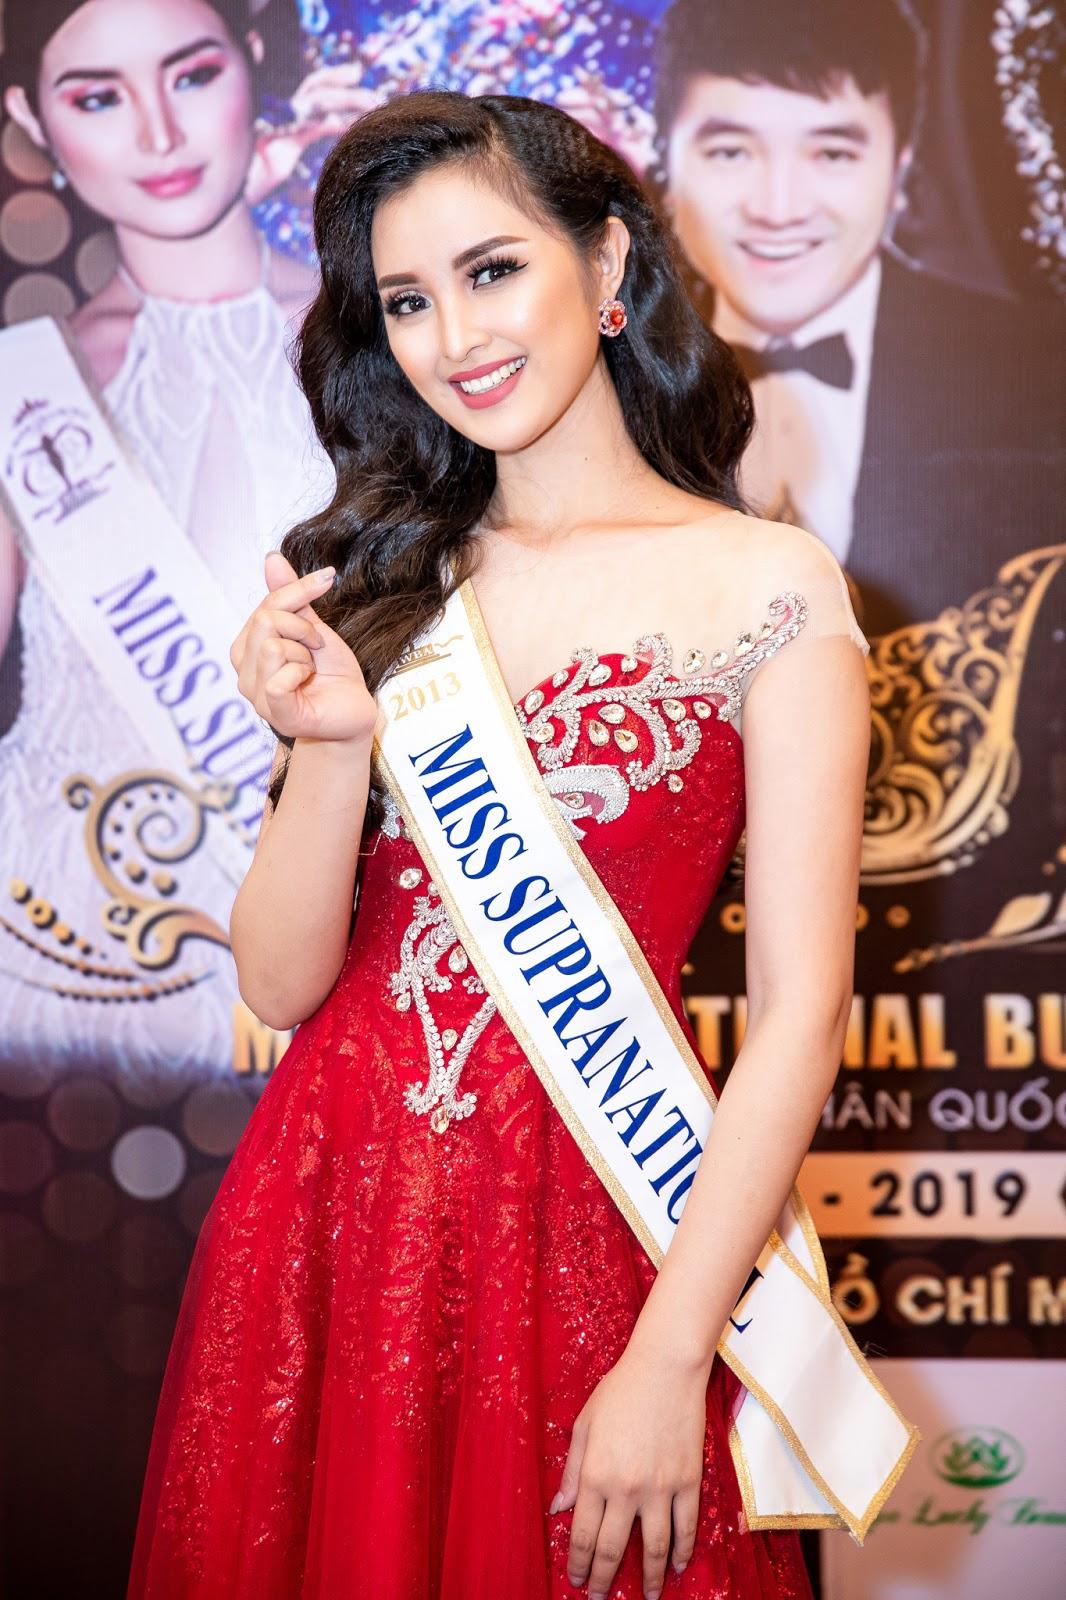 Mỹ nhân Philippines gây ấn tượng khi mặc áo dài, Vivian Trần khoe đường cong khiến nhiều người đau mắt - Hình 10